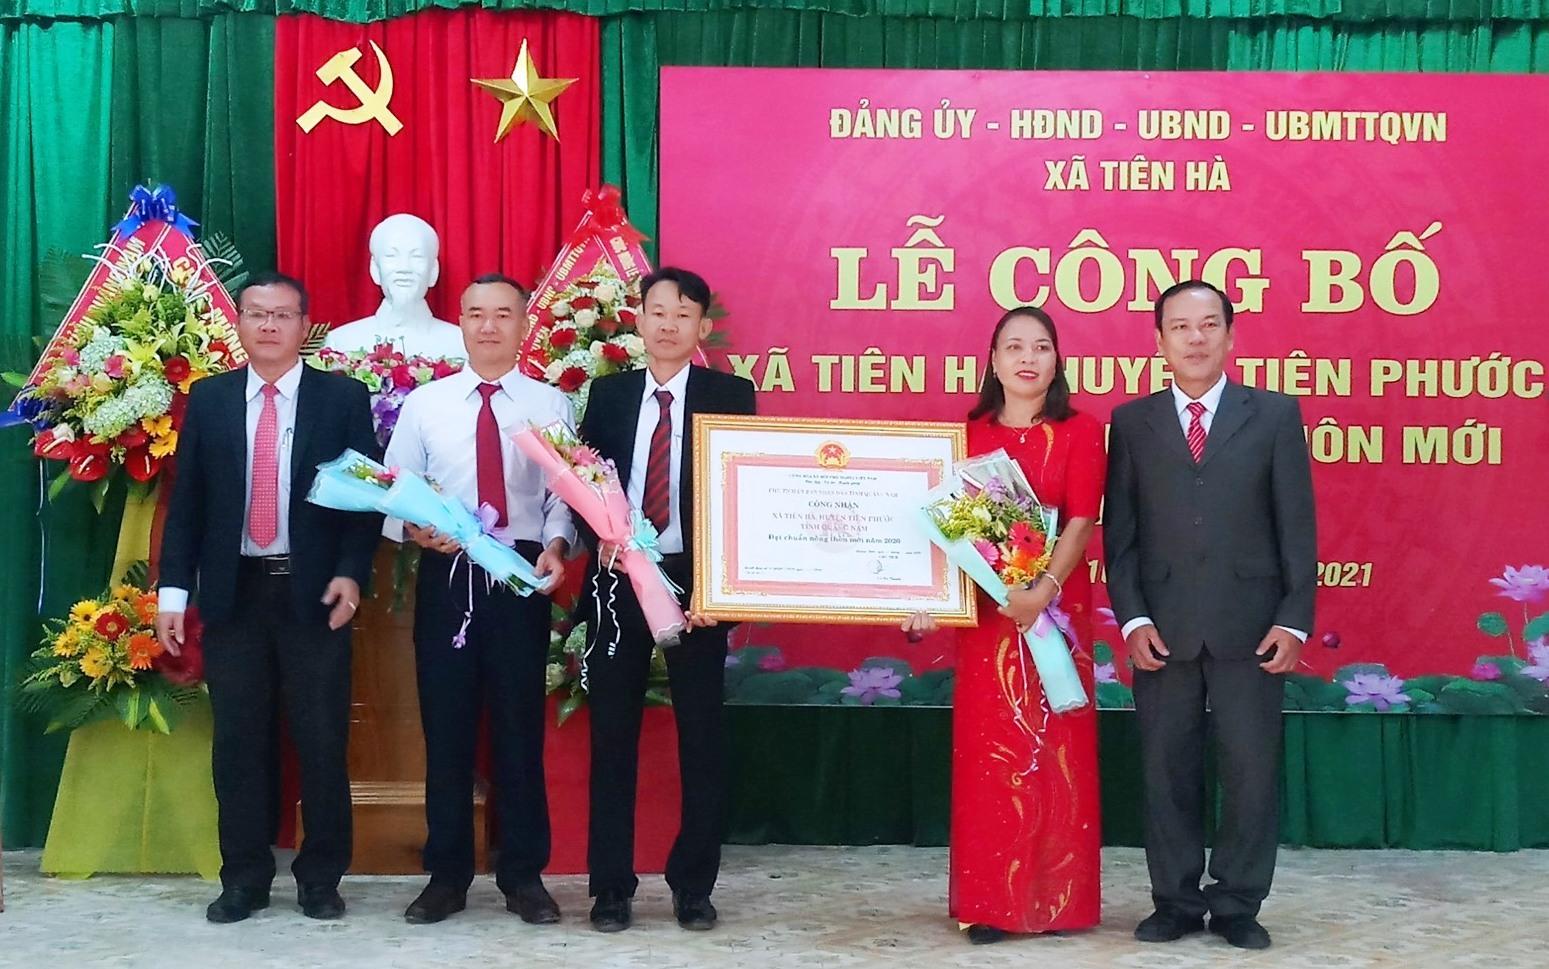 Xã Tiên Hà đón Bằng công nhận xã đạt chuẩn NTM.